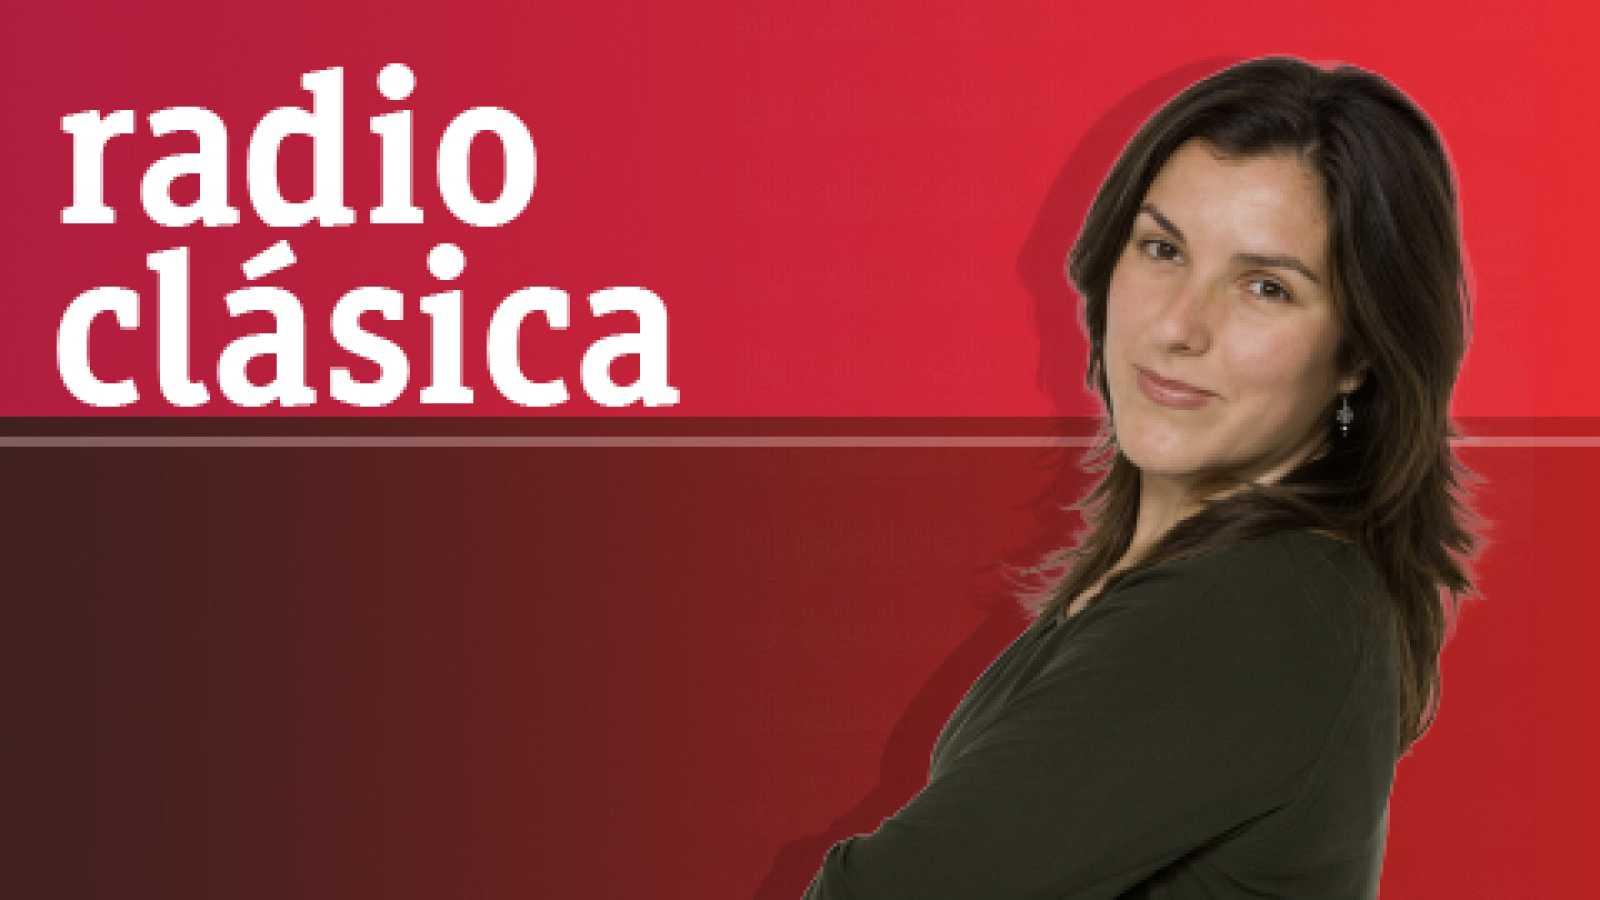 Los clásicos - Juan Antonio Simarro, calidez y calidad - 20/05/14 - escuchar ahora